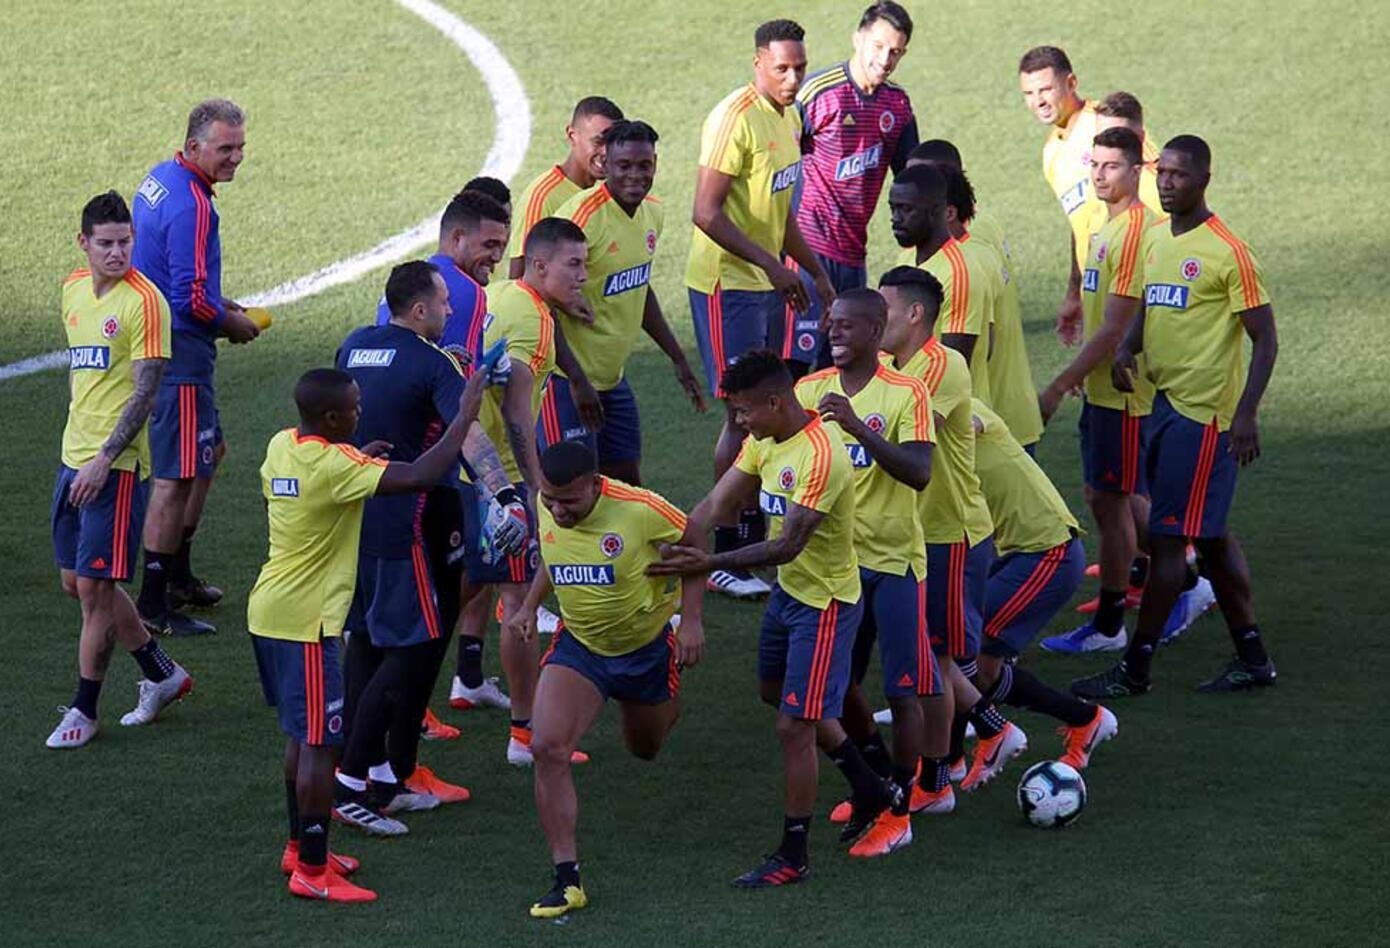 Los los jugadores de Colombia celebraron el cumpleaños del atacante Róger Martínez.